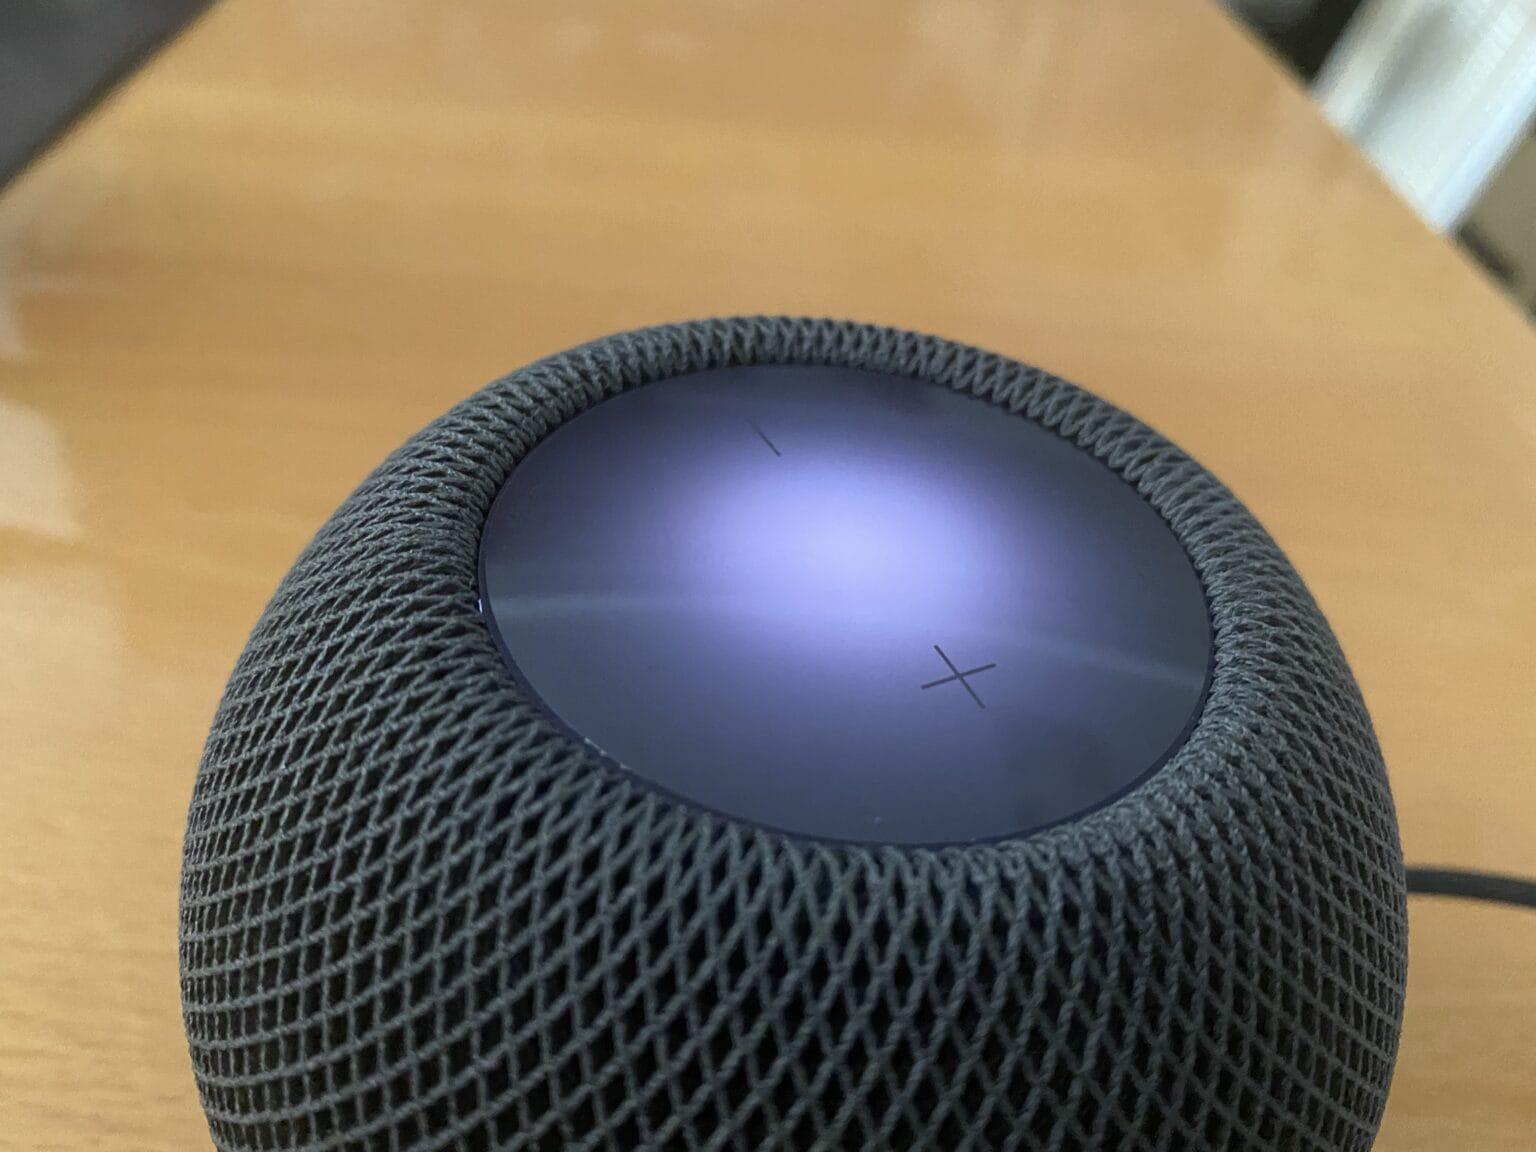 Siri on HomePod mini